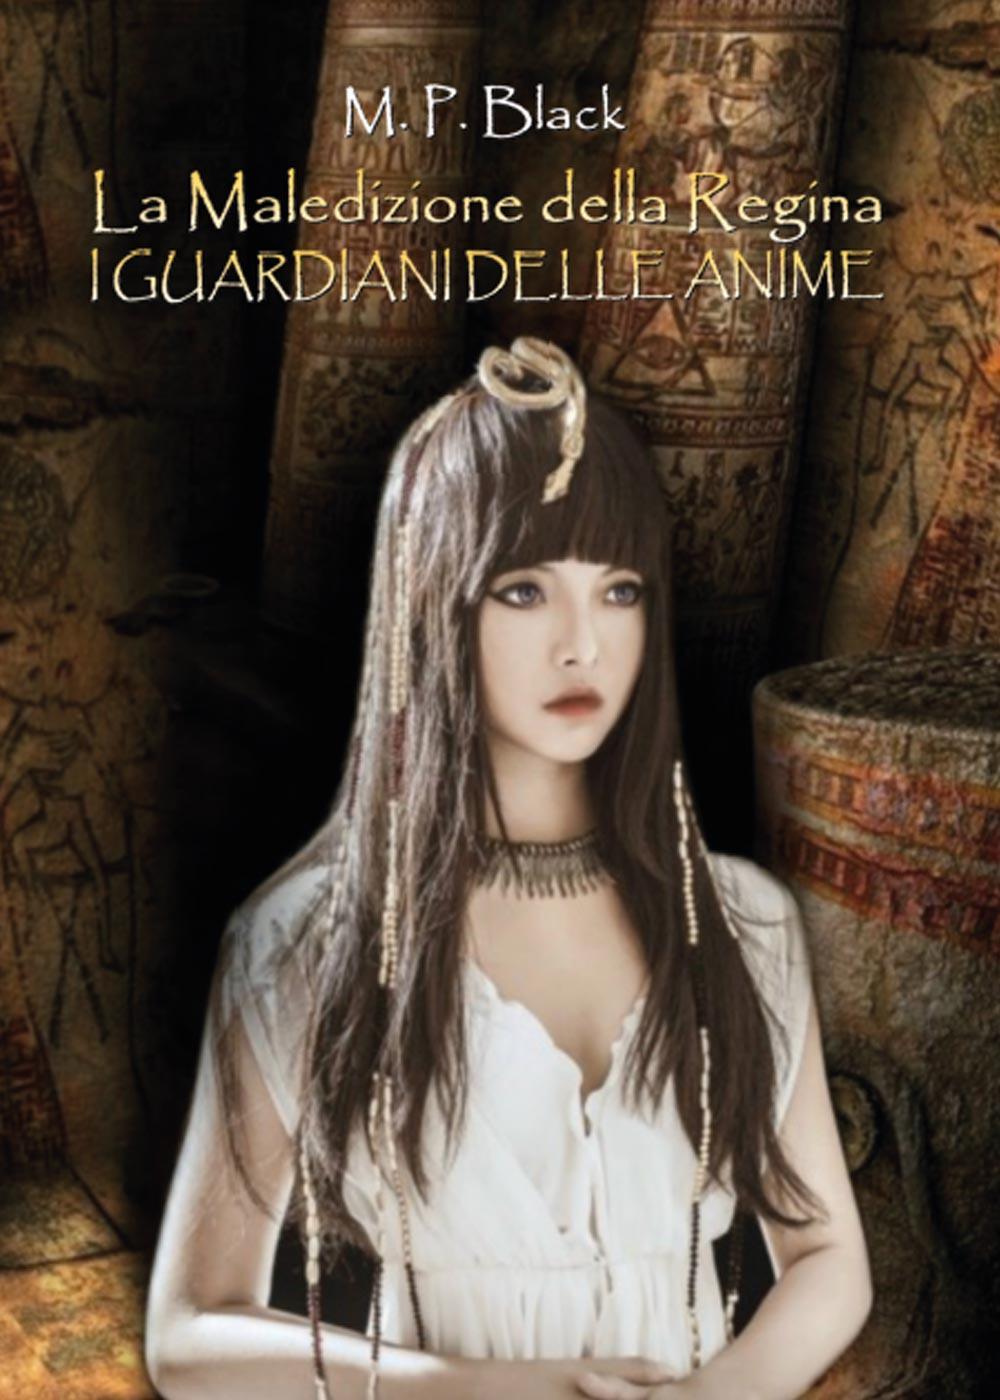 La Maledizione della Regina - I guardiani delle anime